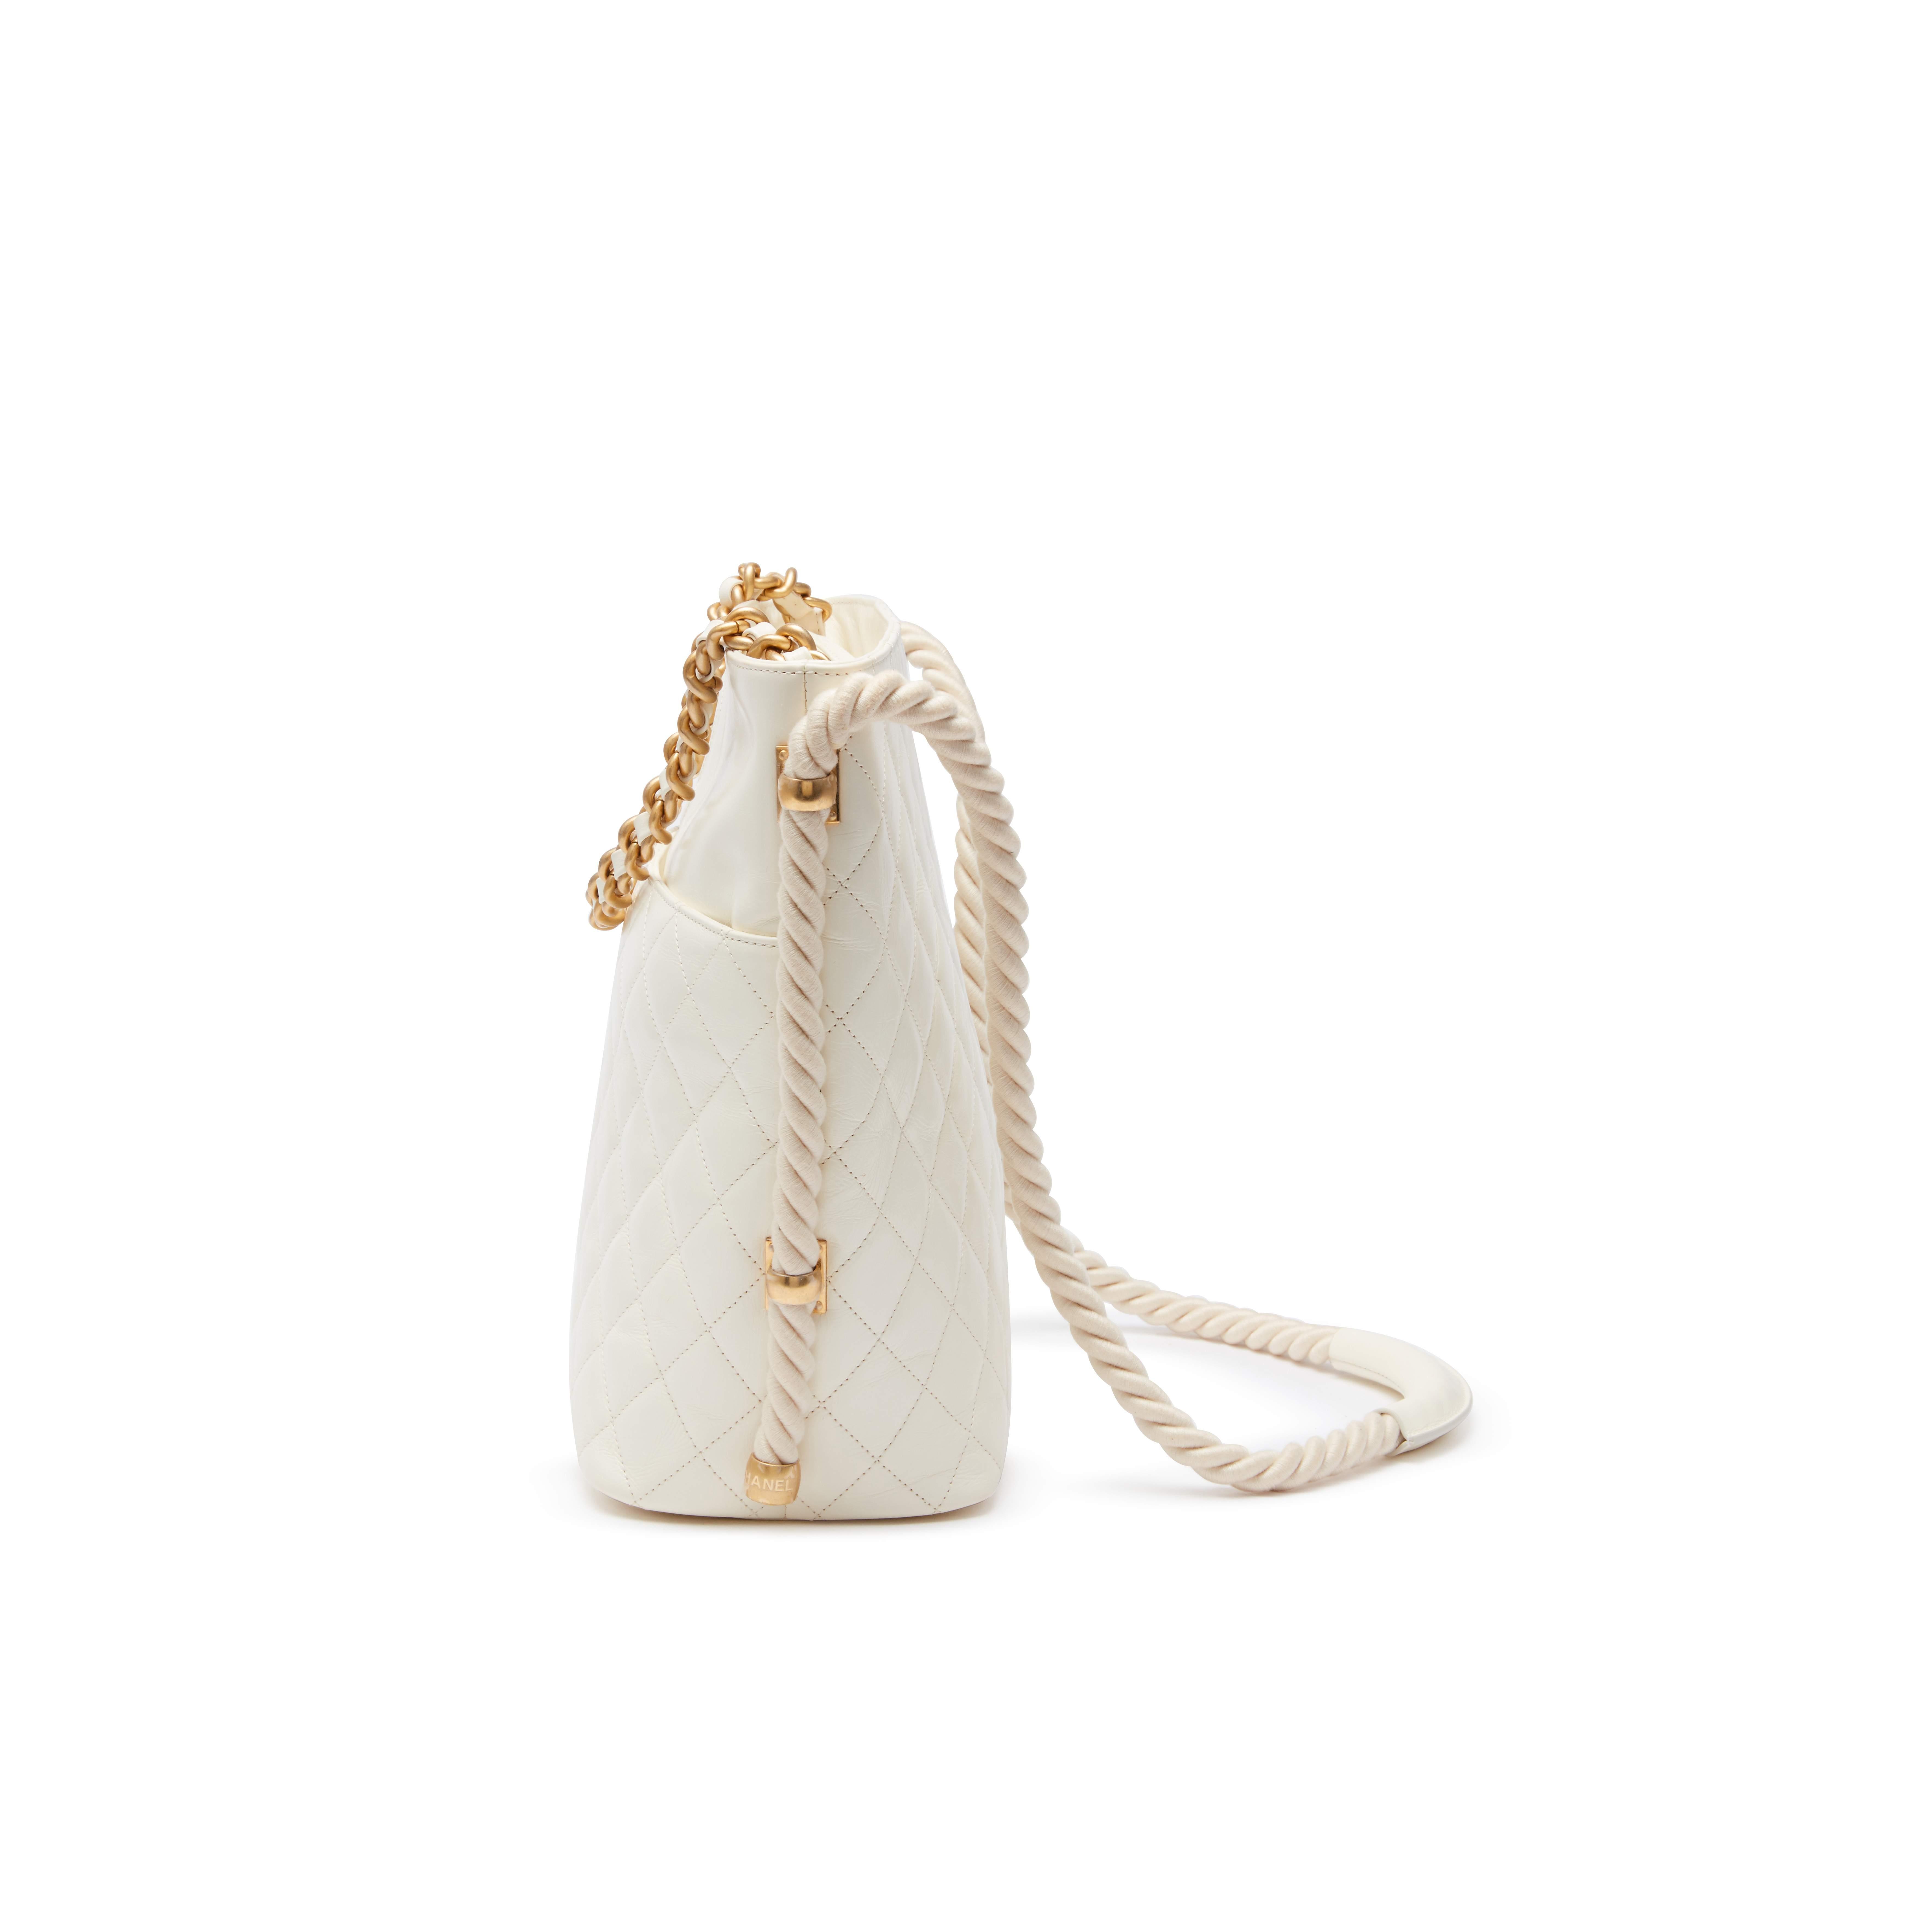 Ivory-Lambskin-En-Vogue-Hobo-Bag-Goldtone-Hardware